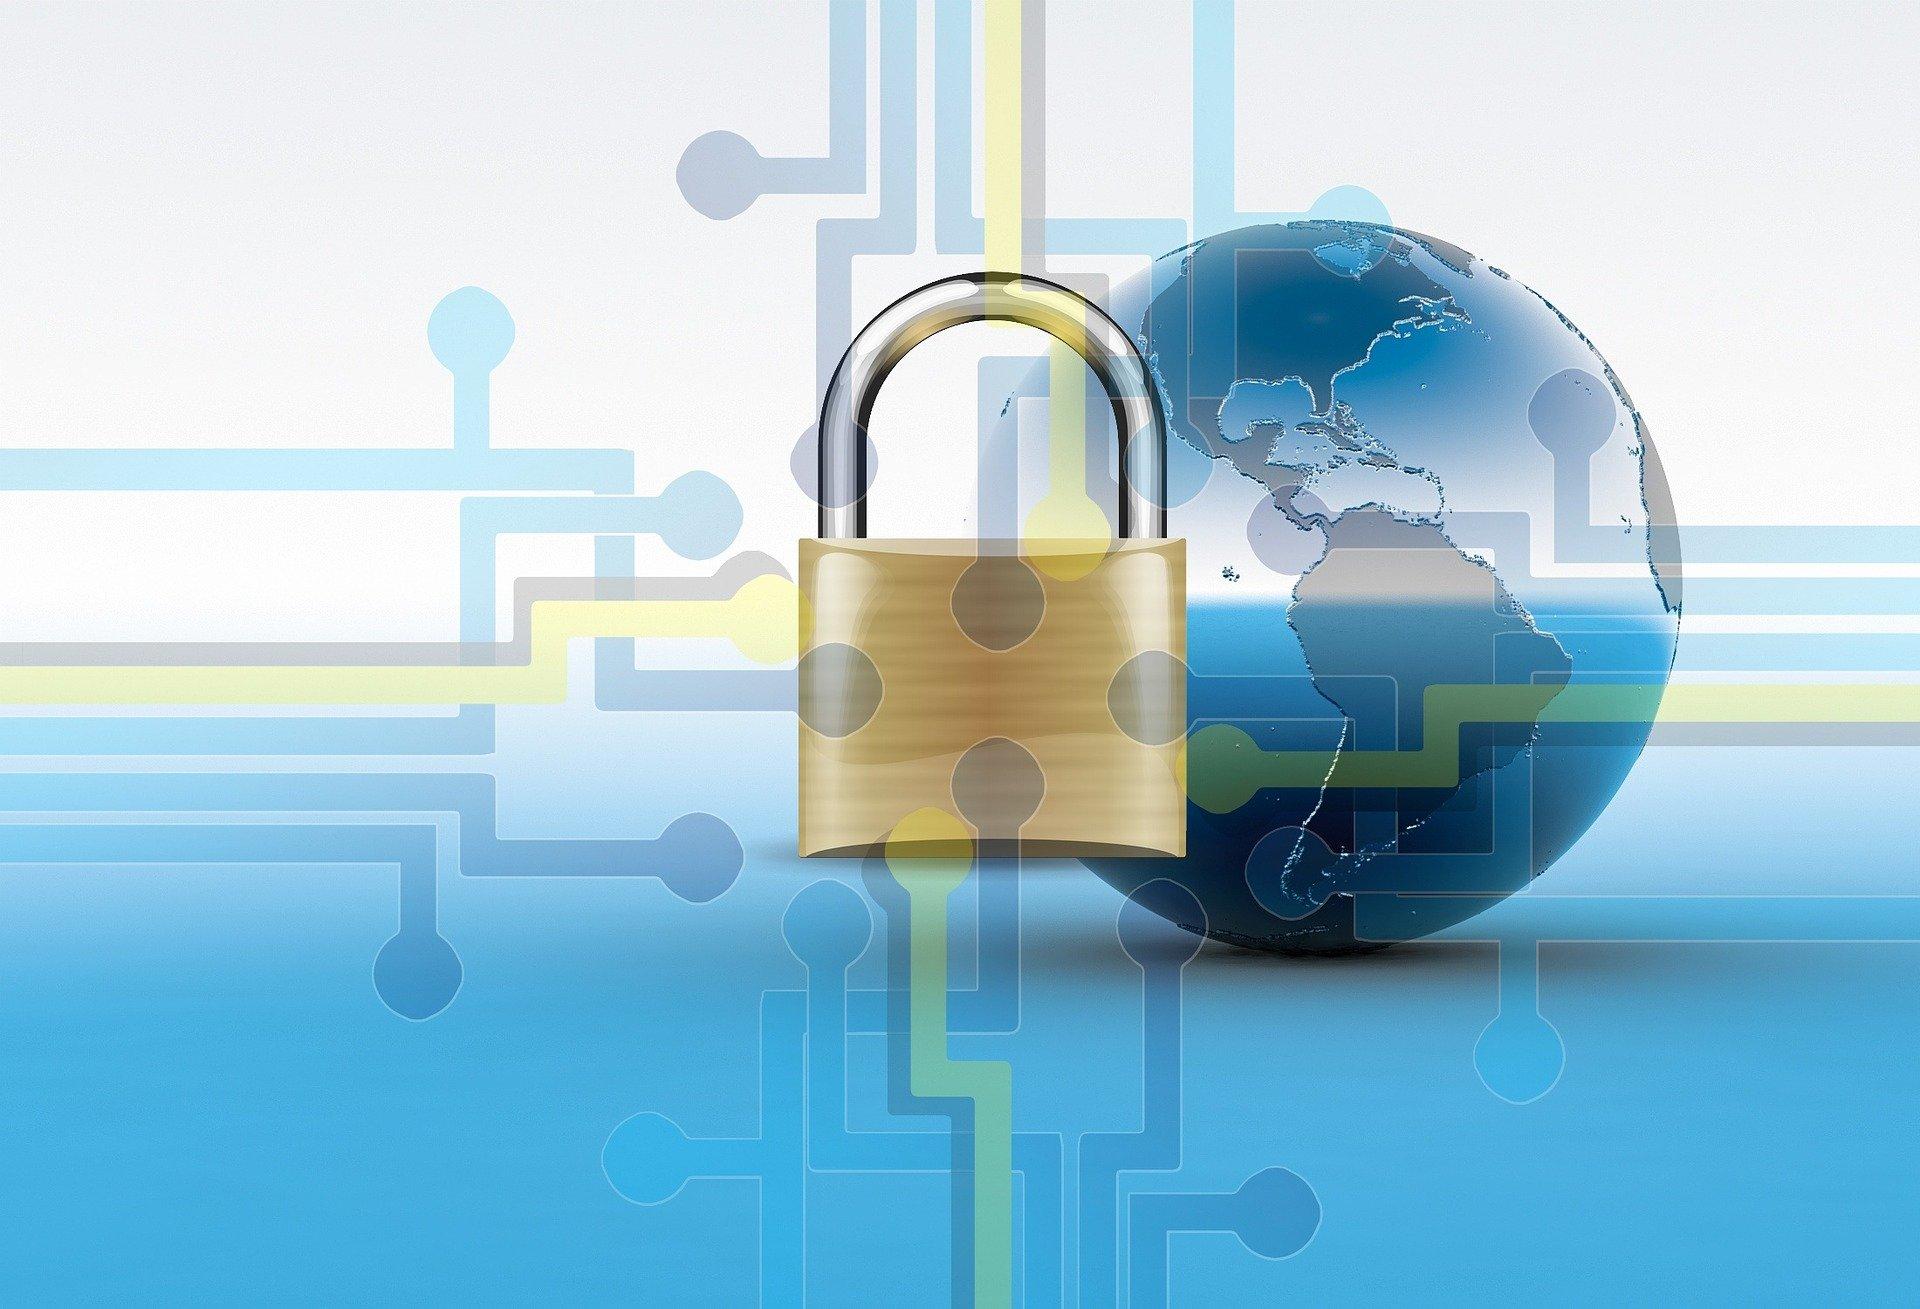 Ciberseguridad con Kaspersky: Herramientas, prevención y formación necesarias para hacer frente a los ciberataques